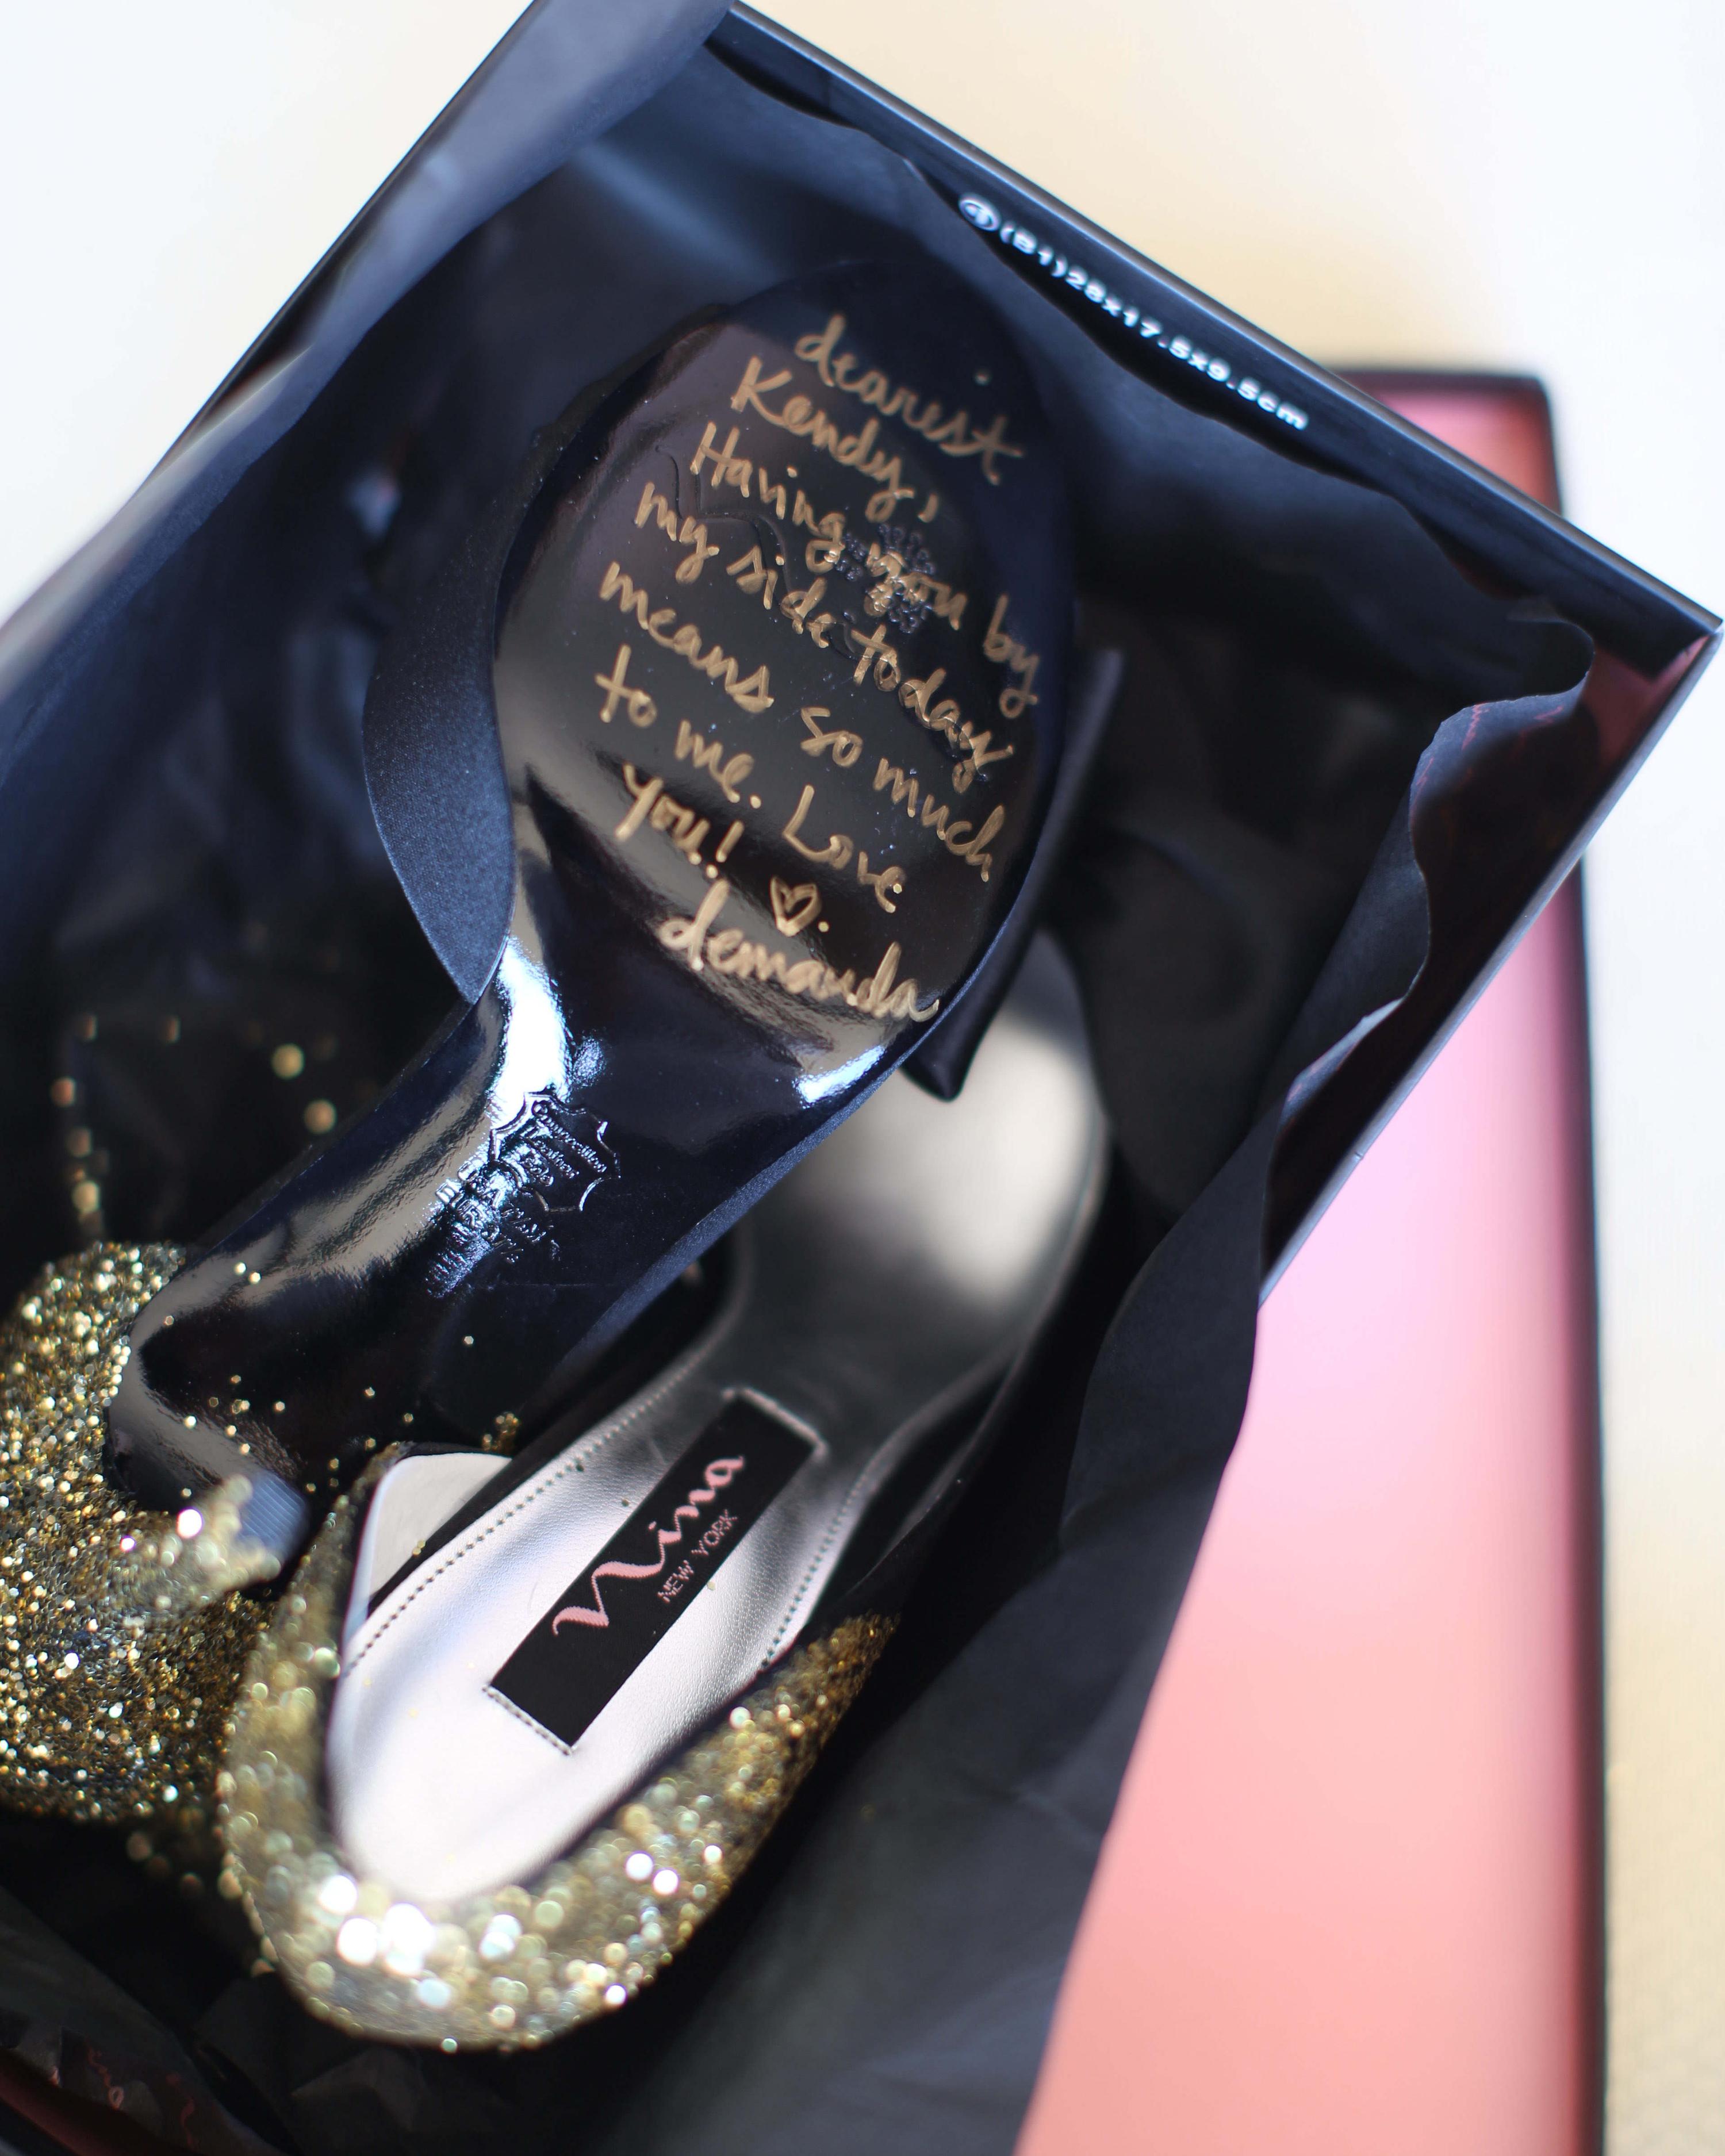 shoe-message-001-wd109359.jpg